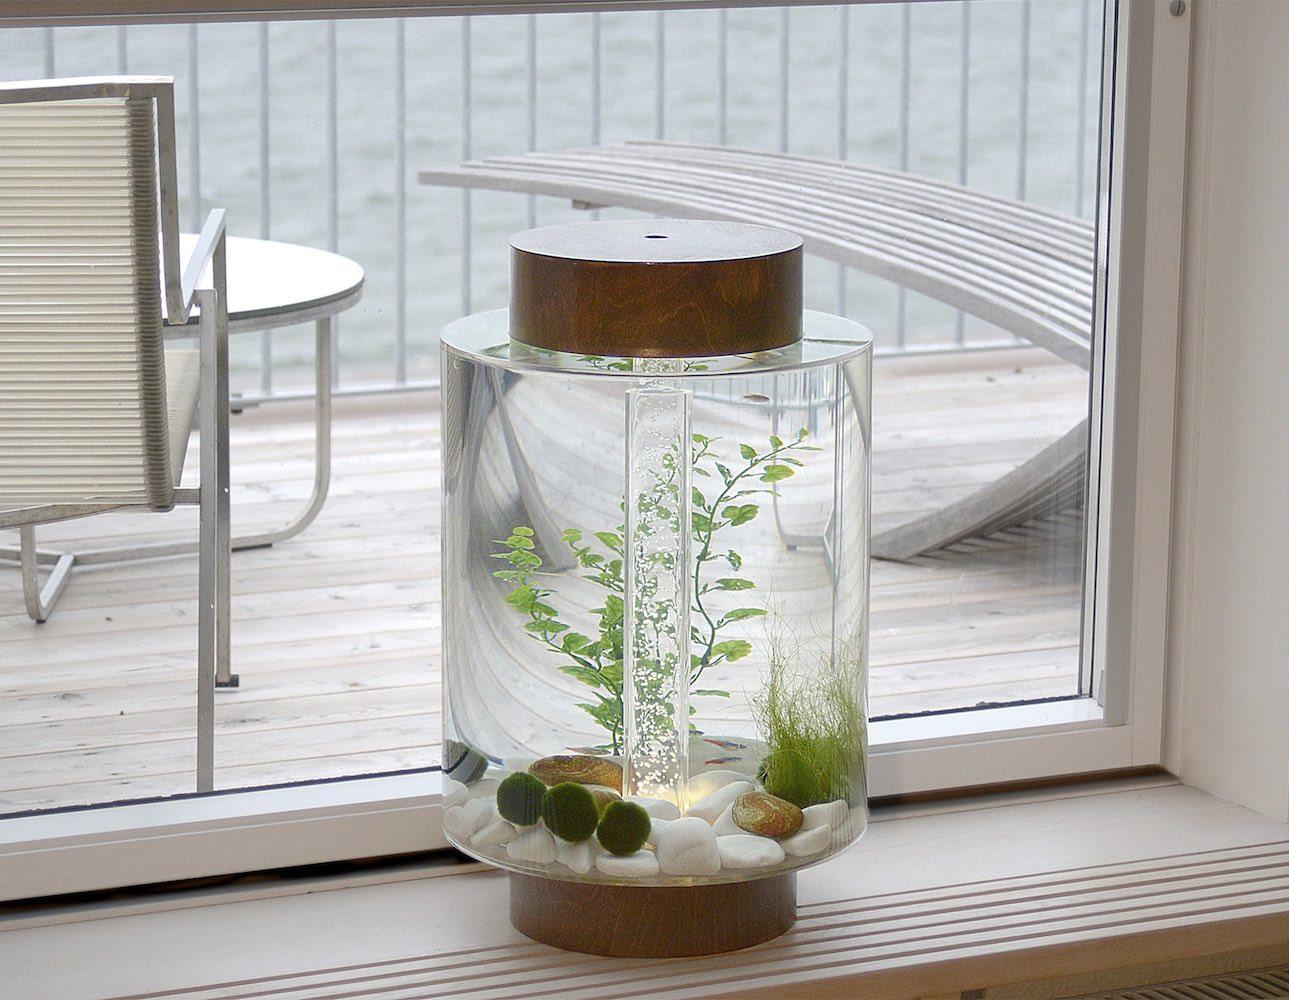 The Norrom Aquarium